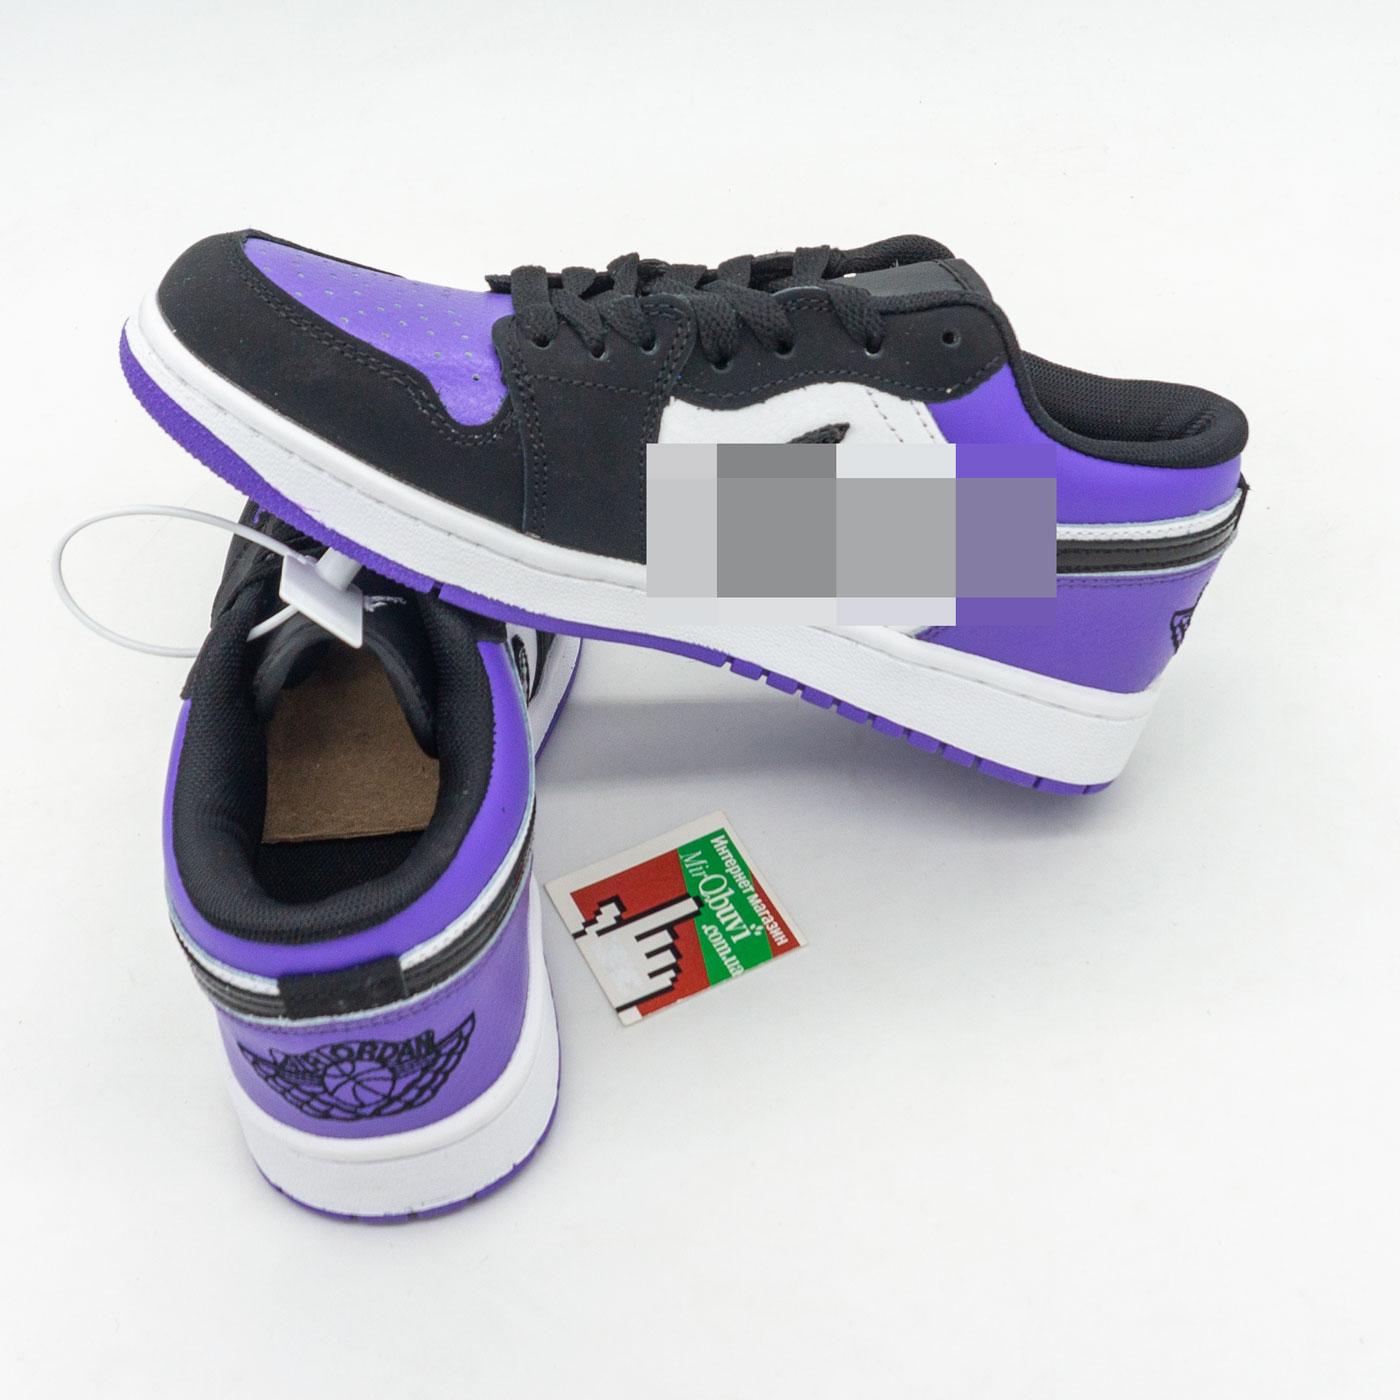 фото bottom Низкие черные c фиолетовым кроссовки Nke Air Jordan 1 bottom